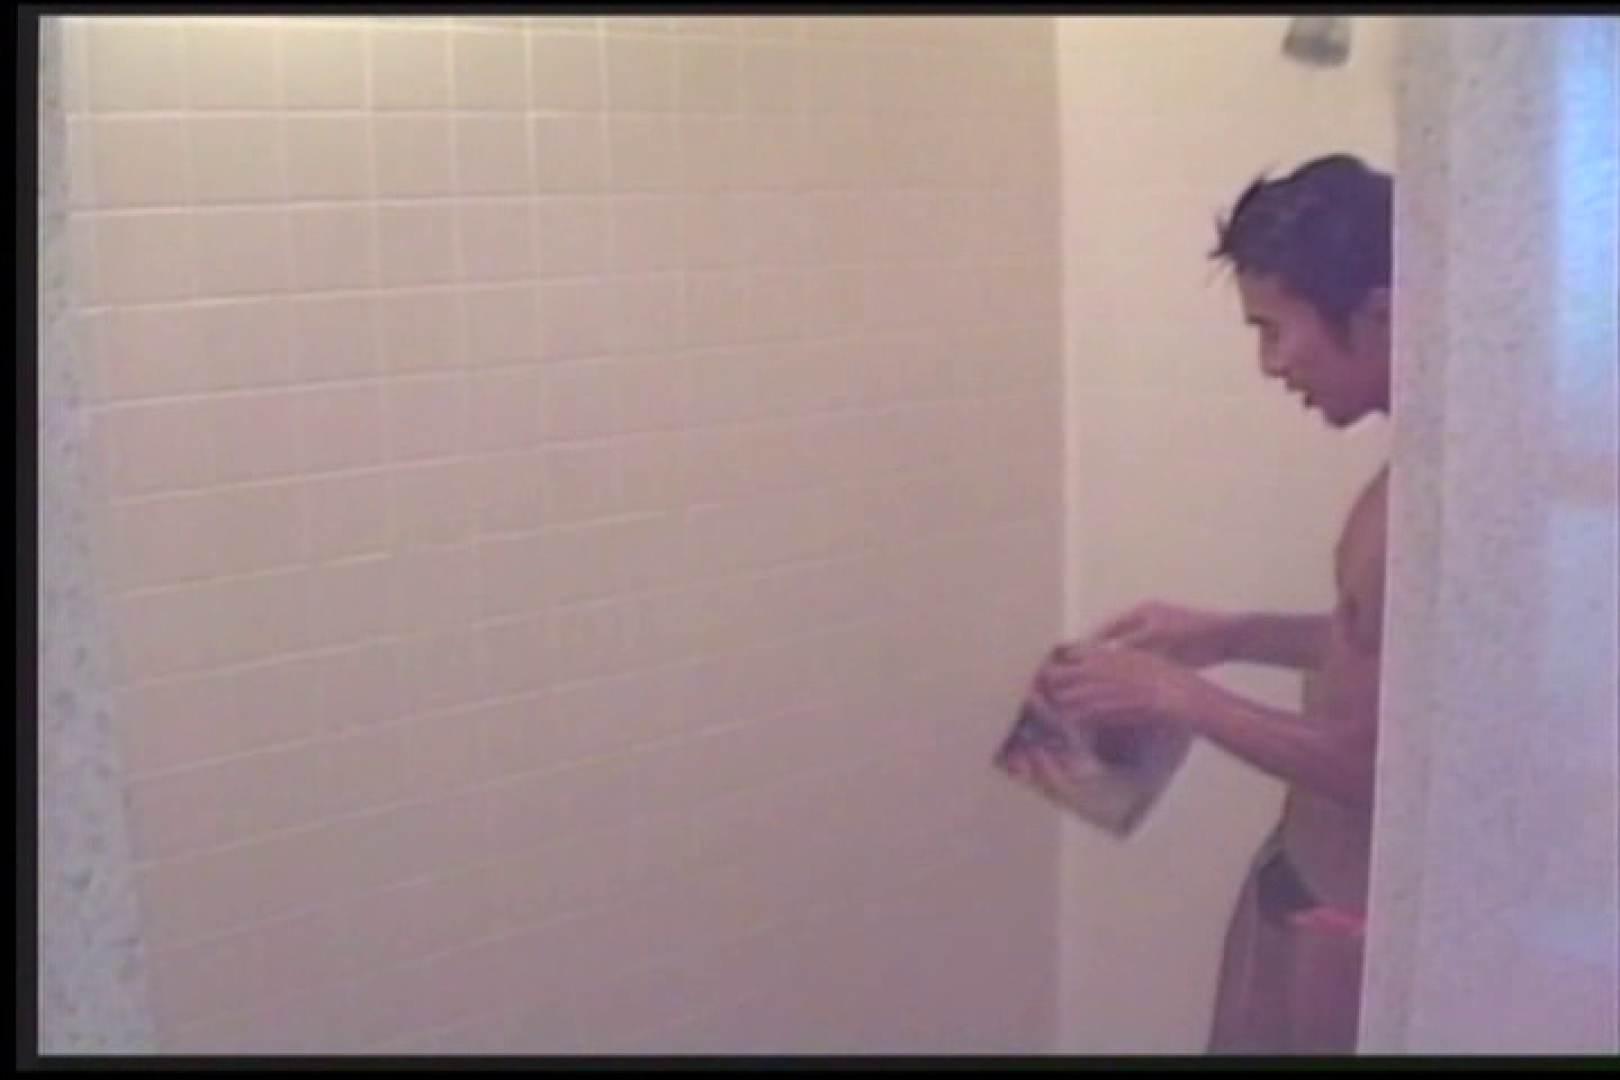 若人は元気!新歓合宿にておふざけ特集VOL.01 ガチムチマッチョ系 | 超薄消し  91pic 1